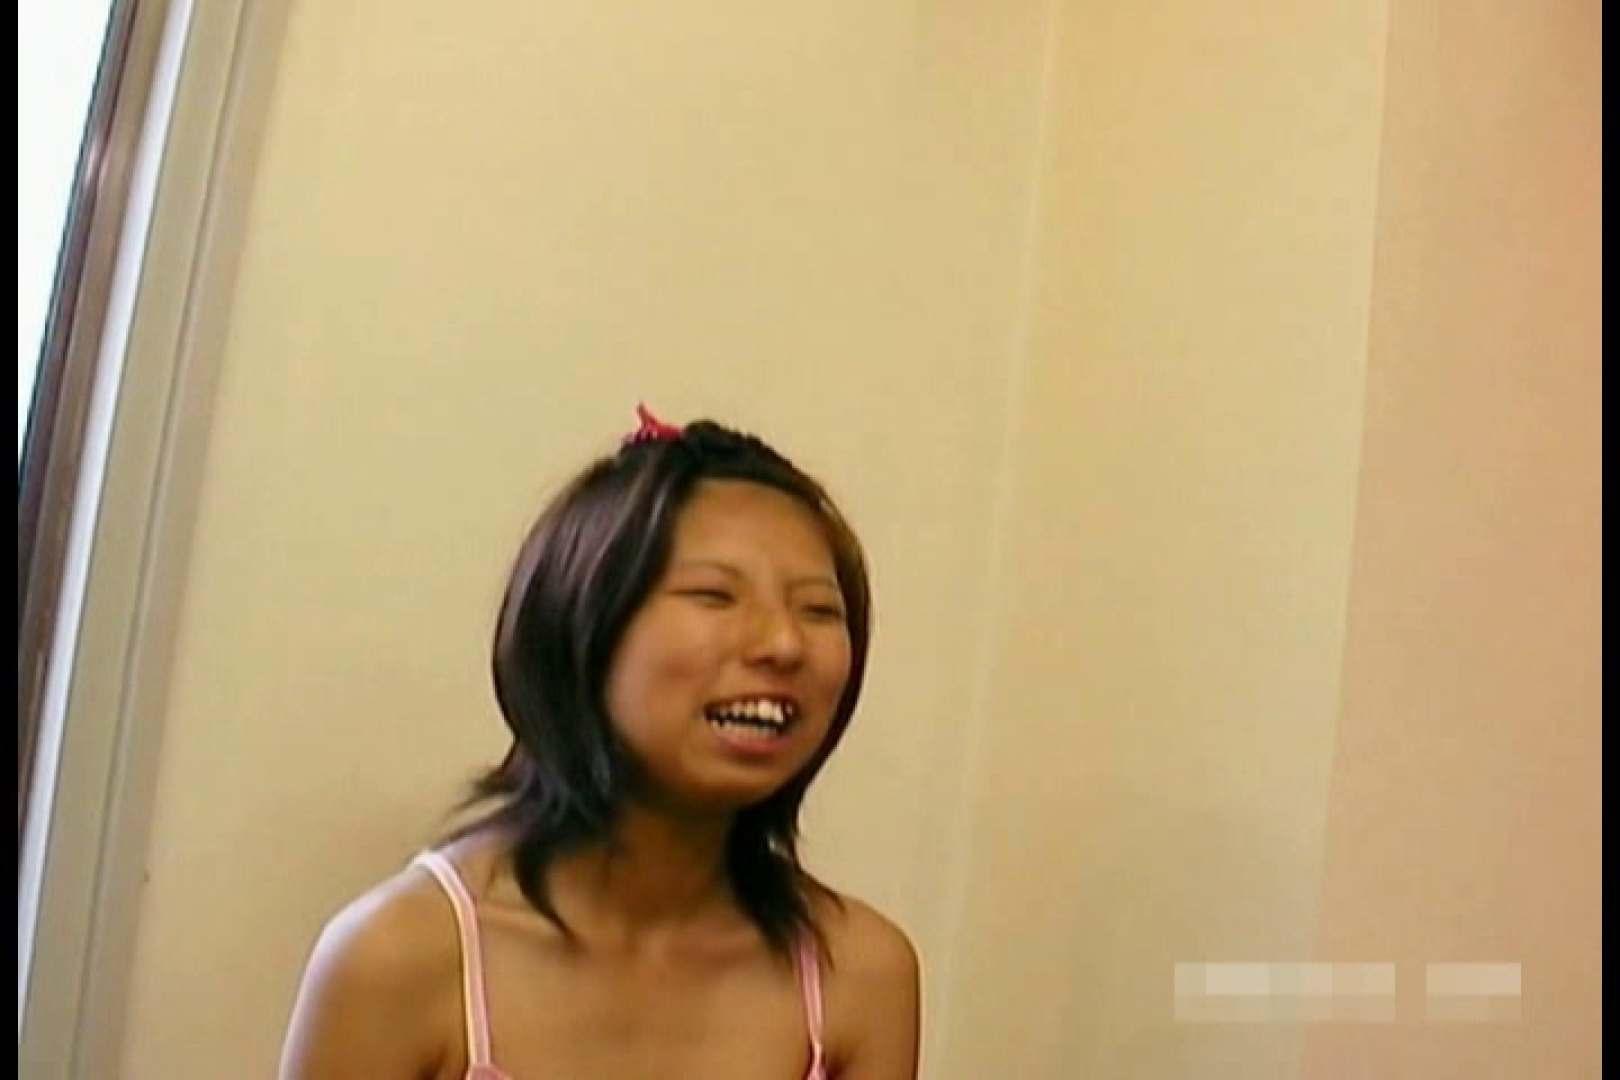 素人撮影 下着だけの撮影のはずが・・・エミちゃん18歳 すけべな素人 ぱこり動画紹介 103画像 26